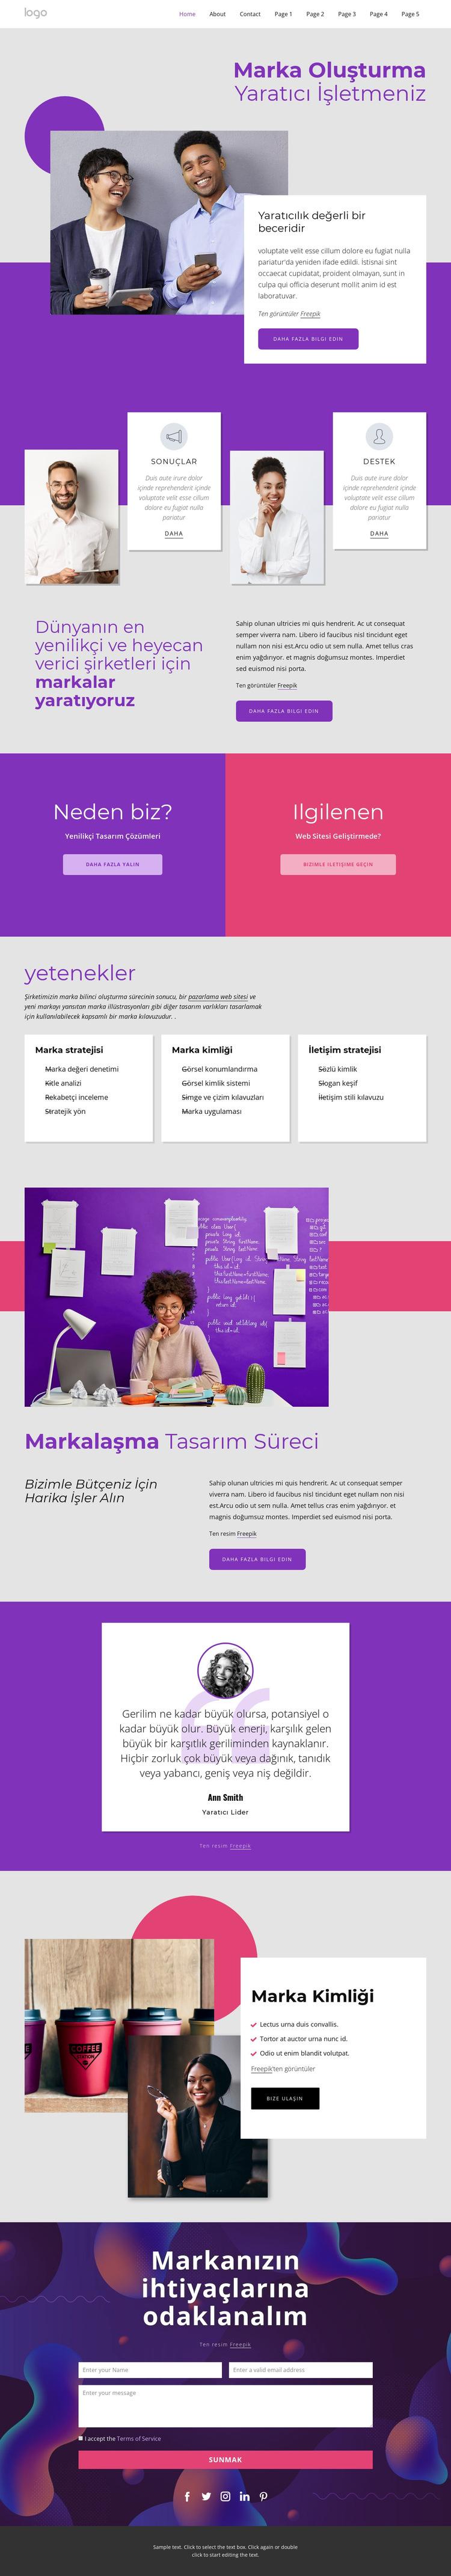 Uluslararası marka ve tasarım ajansı Web Sitesi Şablonu